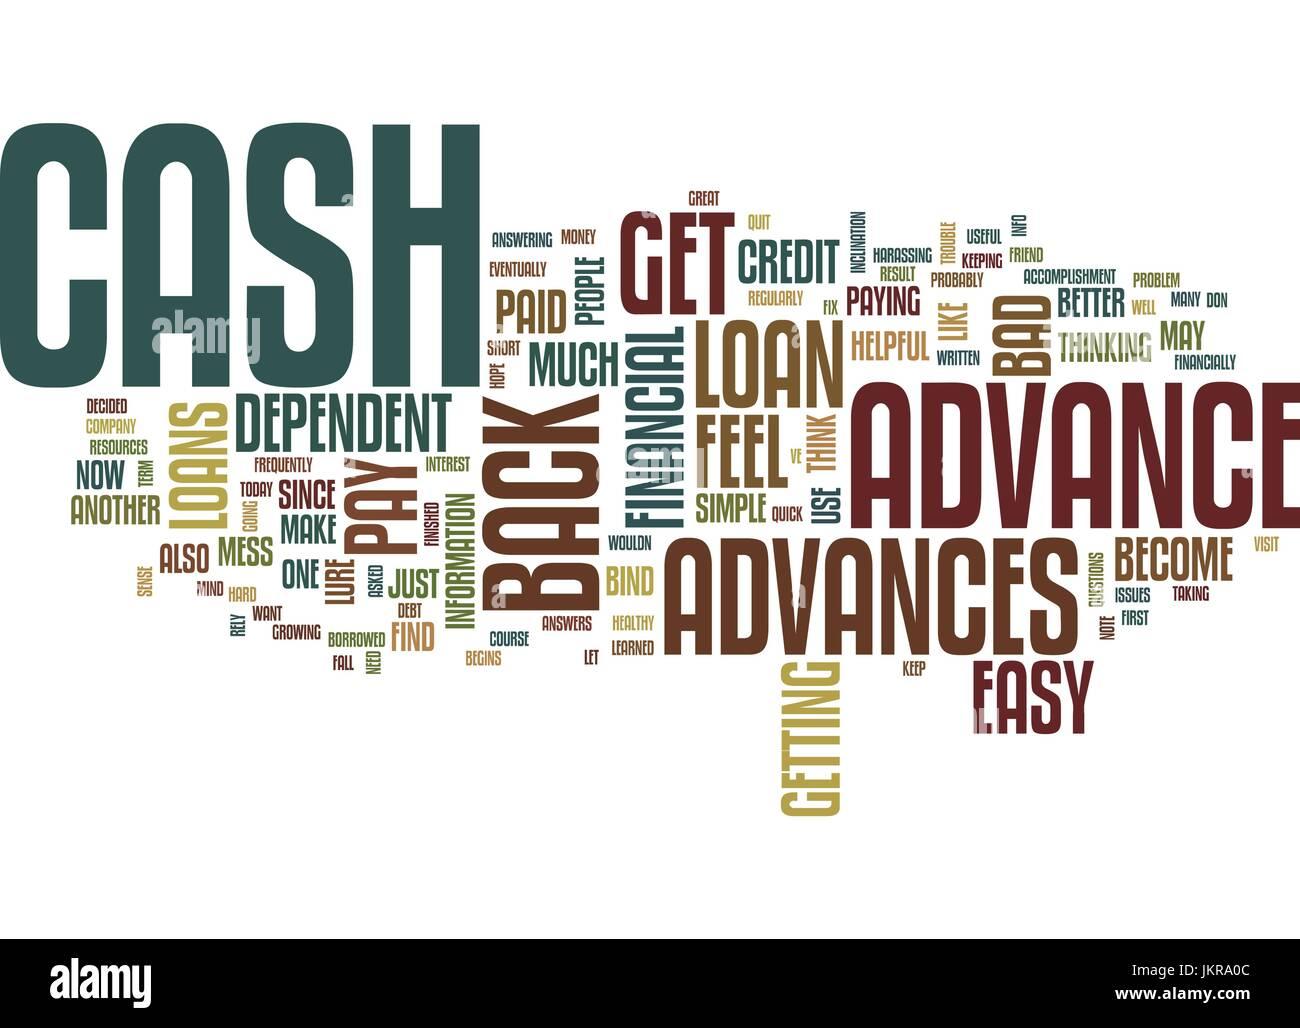 Eastwest bank cash advance interest photo 1